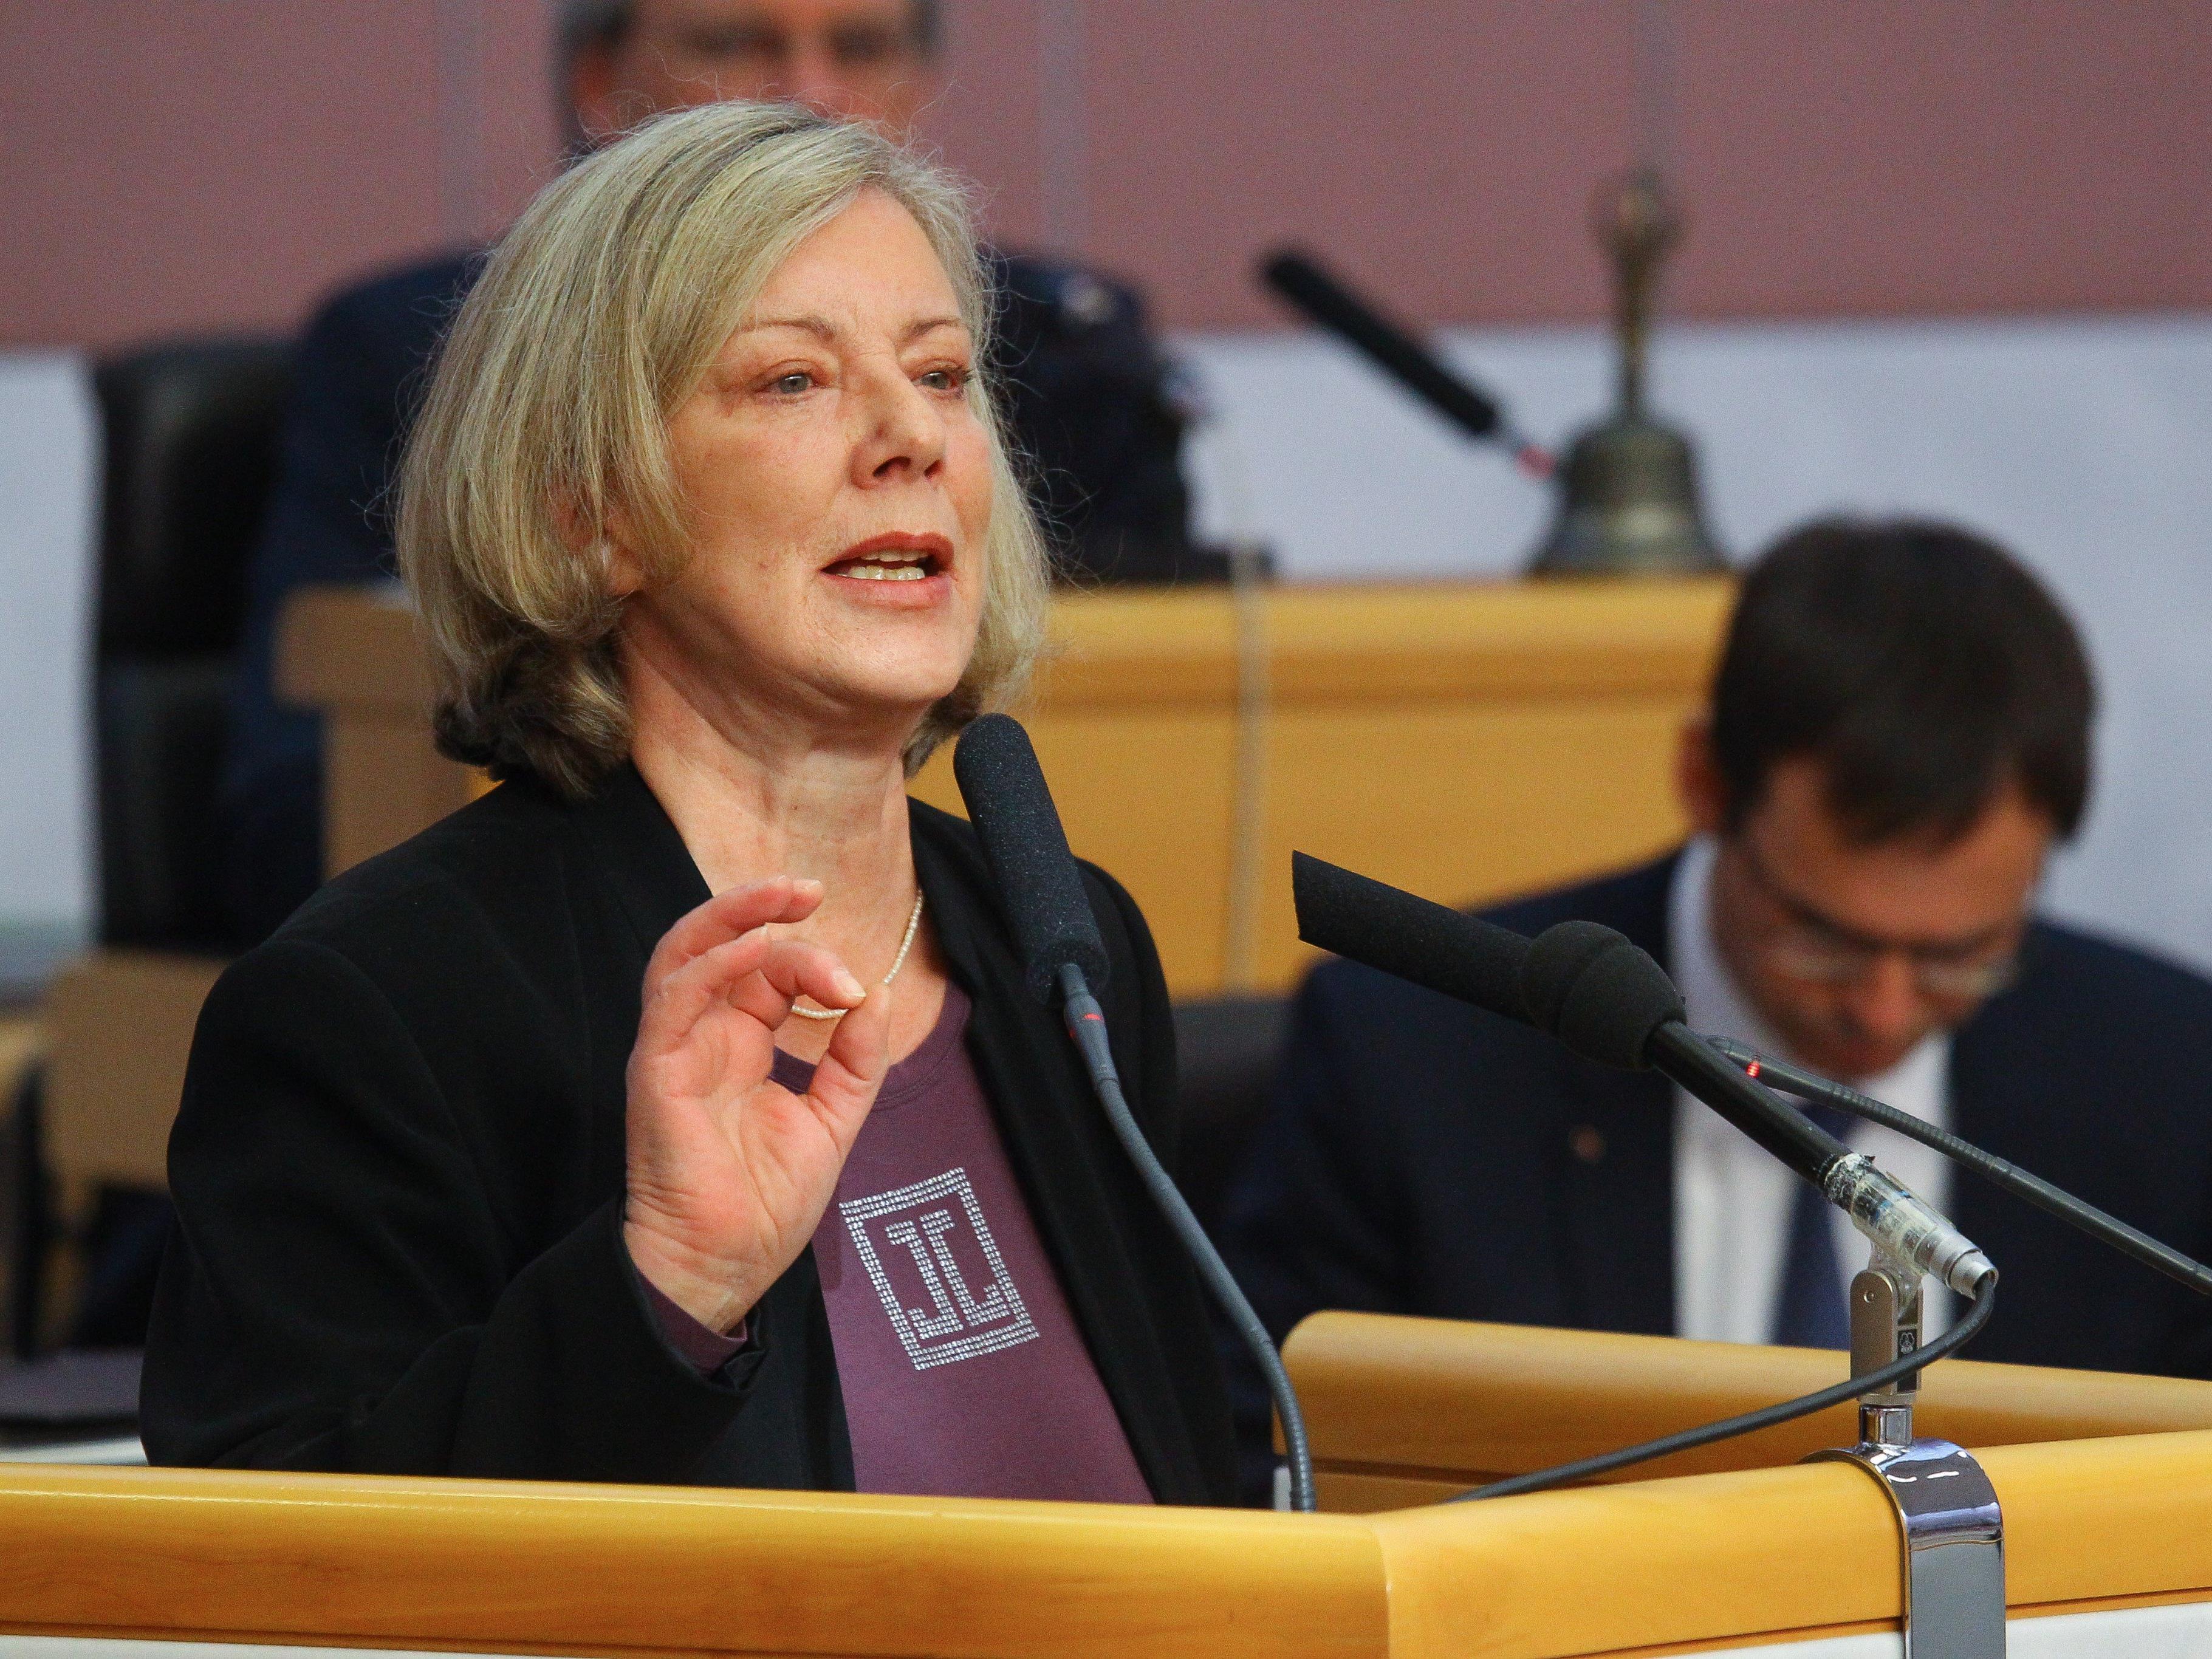 Sprickler-Falschlunger übernimmt den Landesparteivorsitz